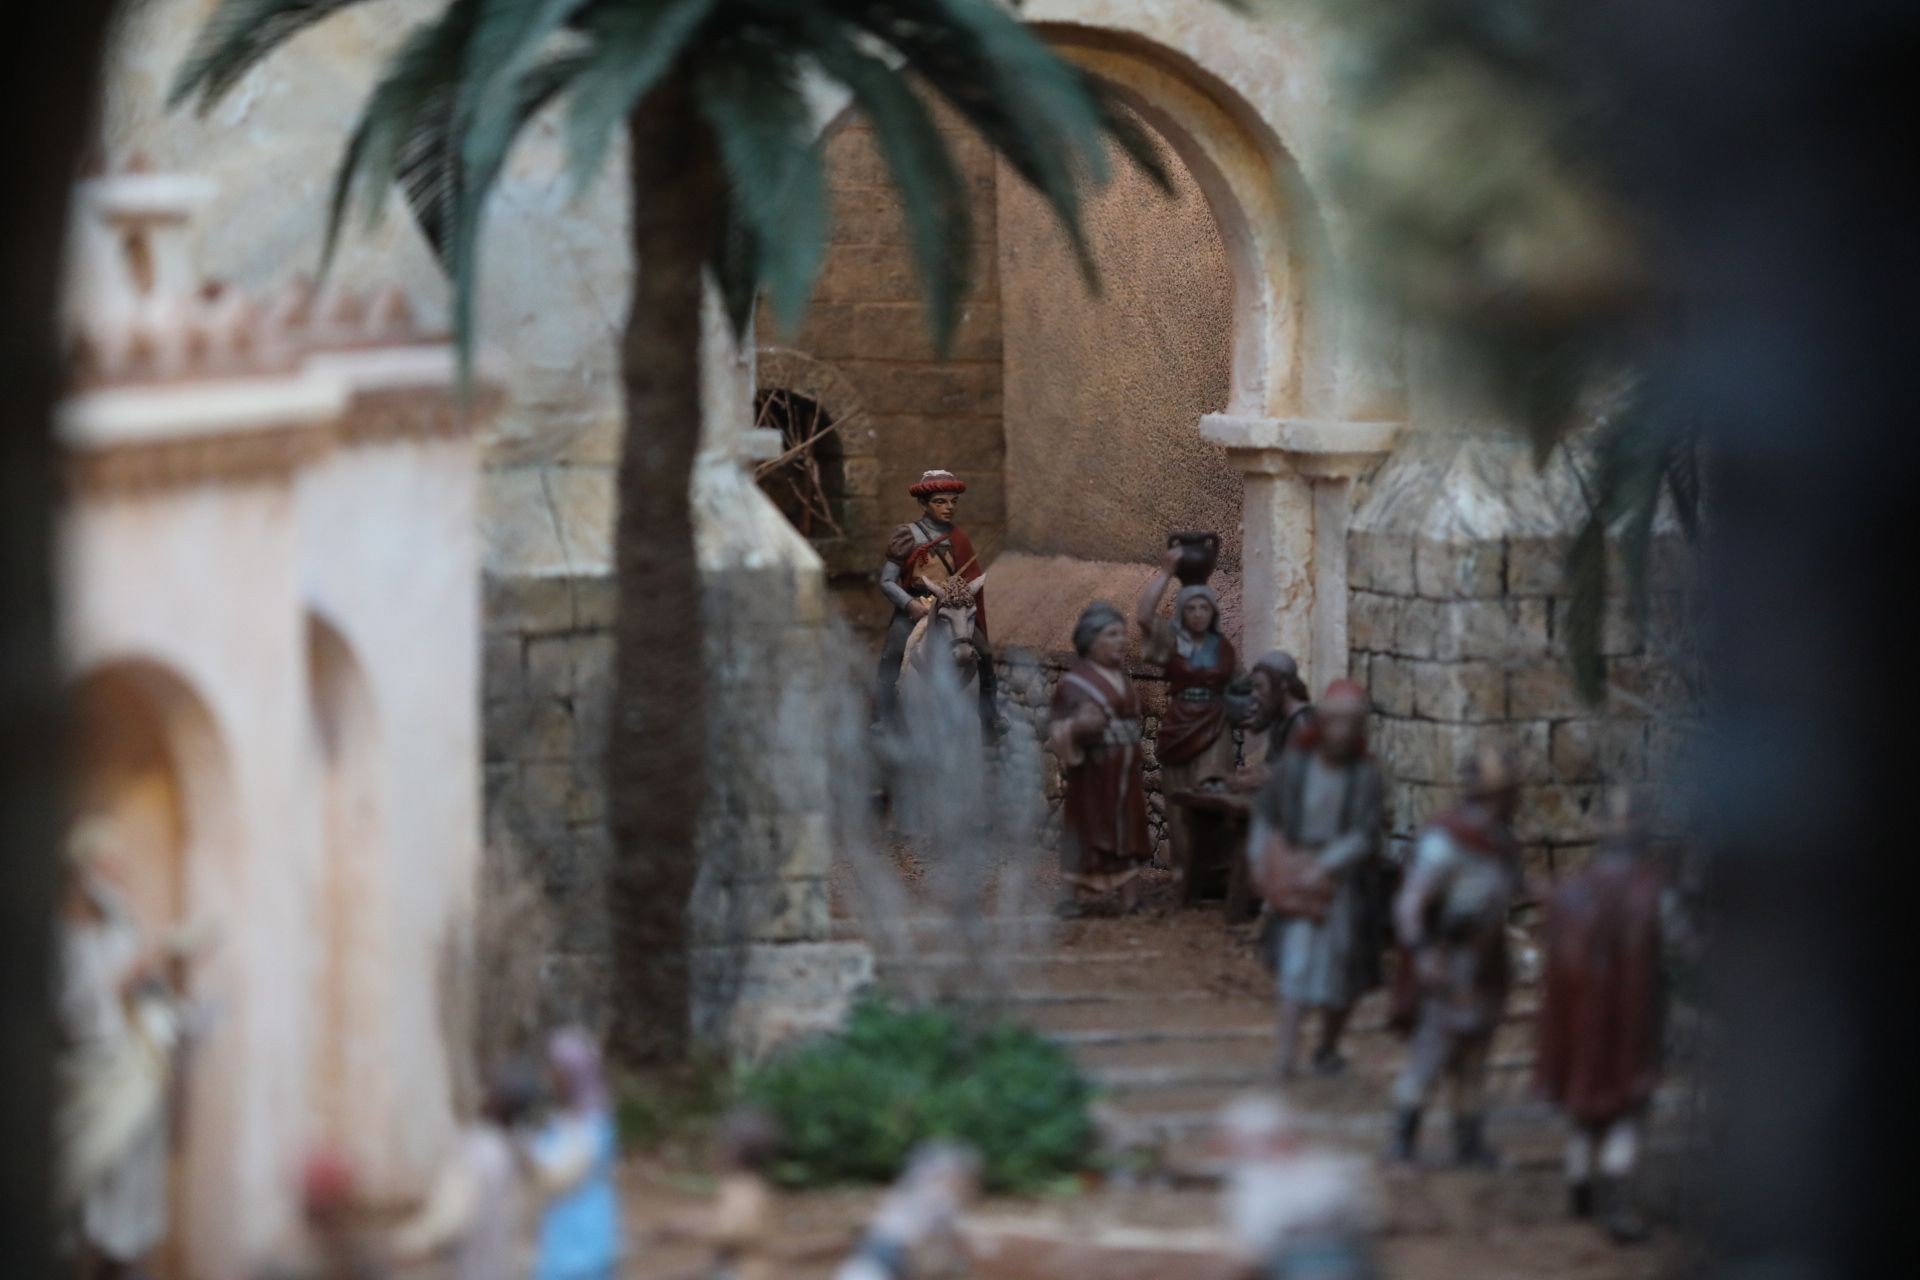 Inauguración del Belén de Navidad en Elche